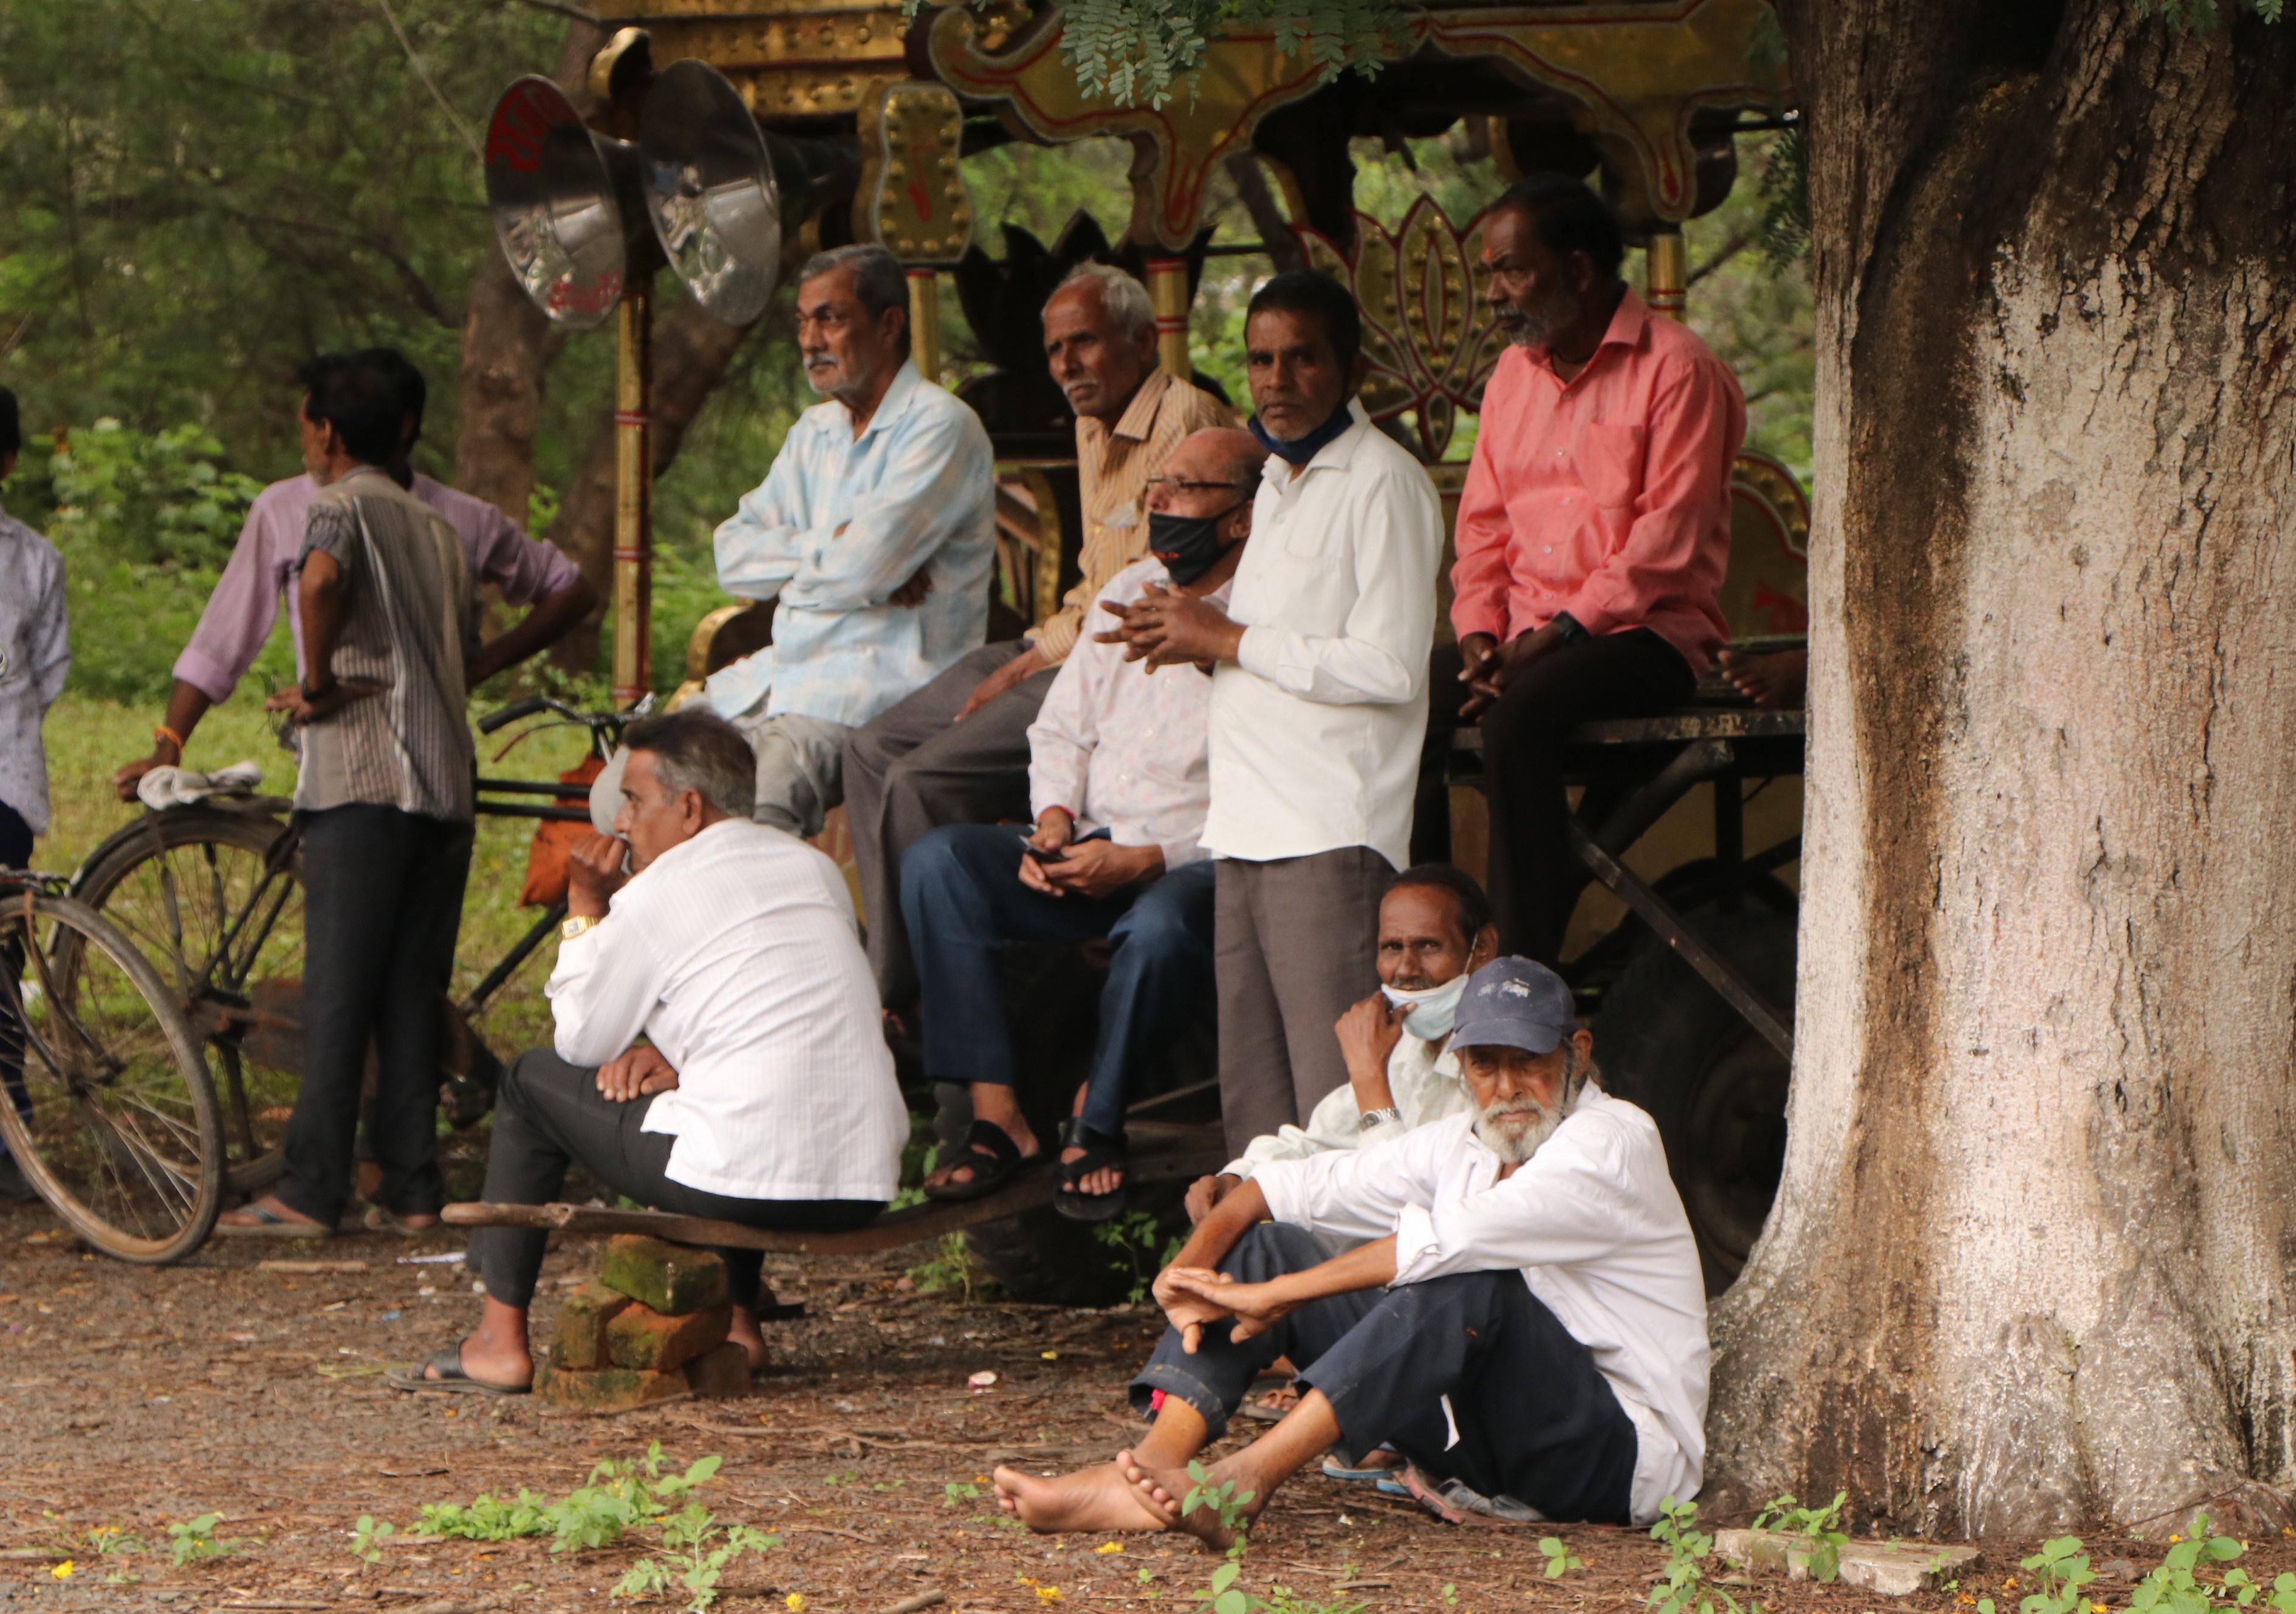 Anant Chaturdashi Indore: अनंत चतुर्दशी पर नहीं निकली झांकी, छाई रही मजदूरों के चेहरे पर मायूसी